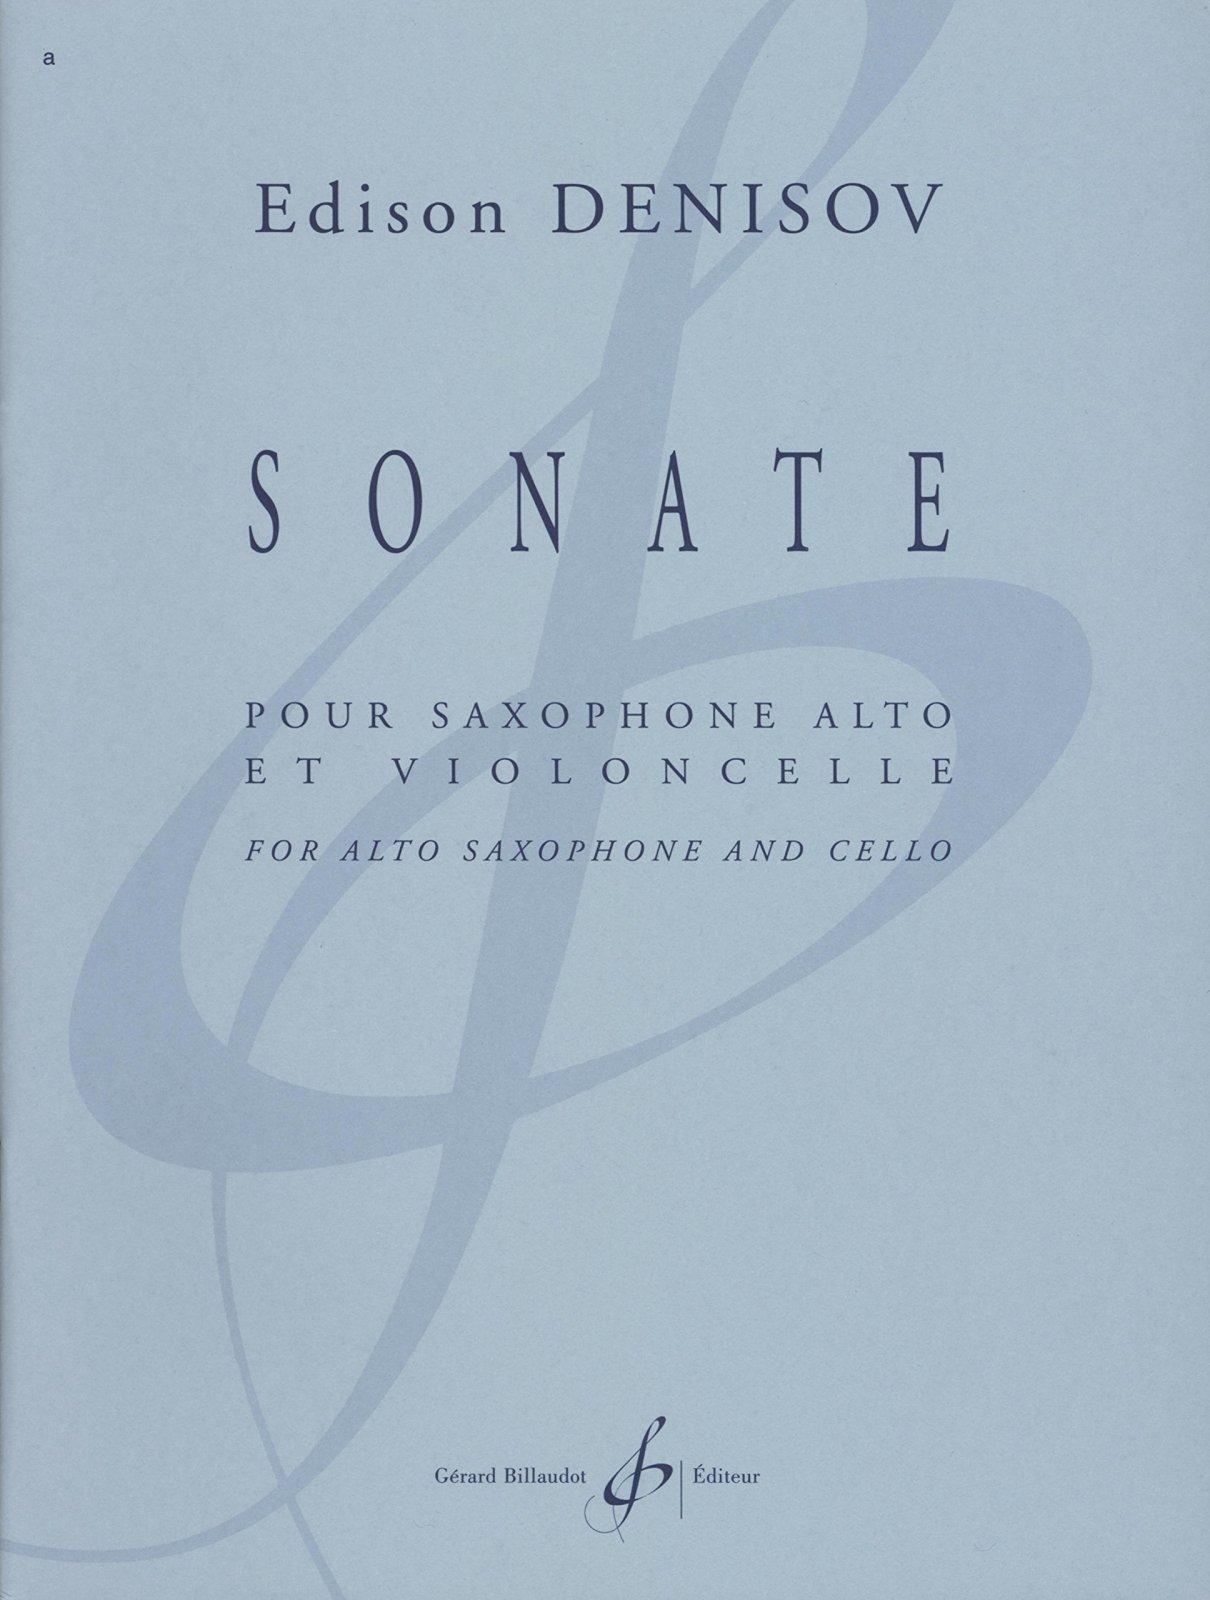 Denisov, Edison: Sonate for Alto Saxophone & Cello